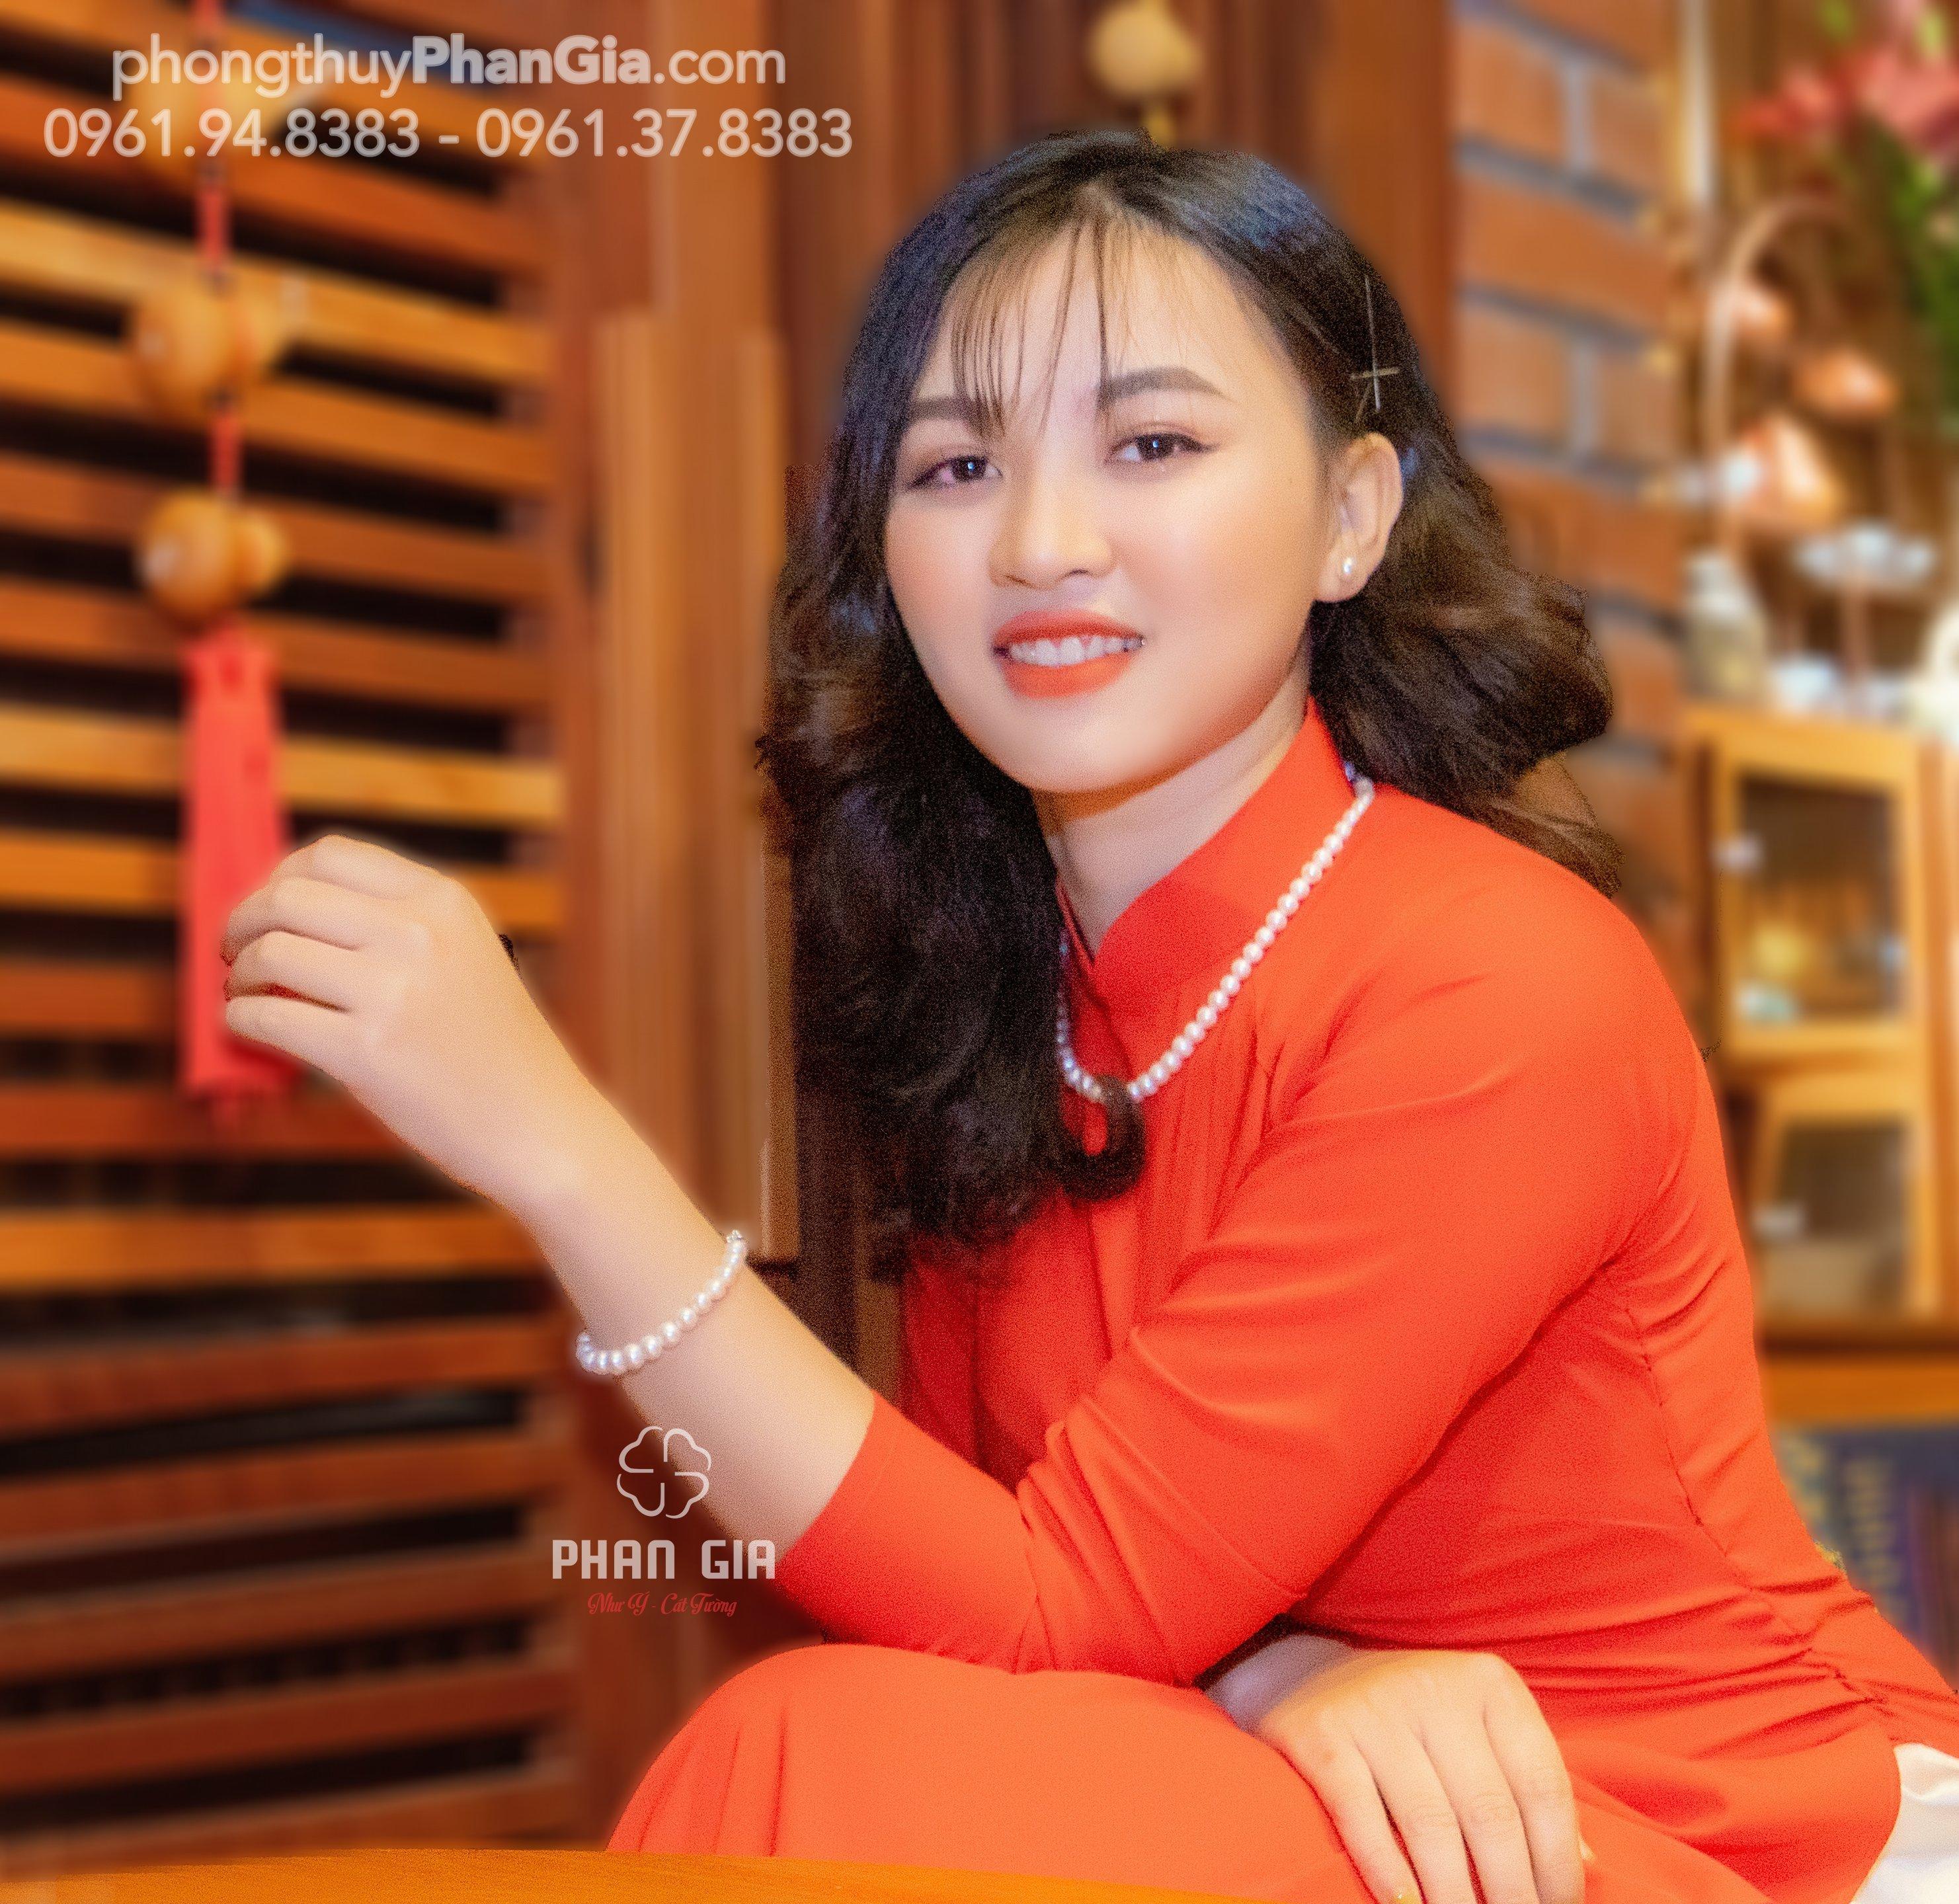 Tuần lễ áo dài: Tôn vinh giá trị truyền thống, vẻ đẹp của người phụ nữ Việt Nam